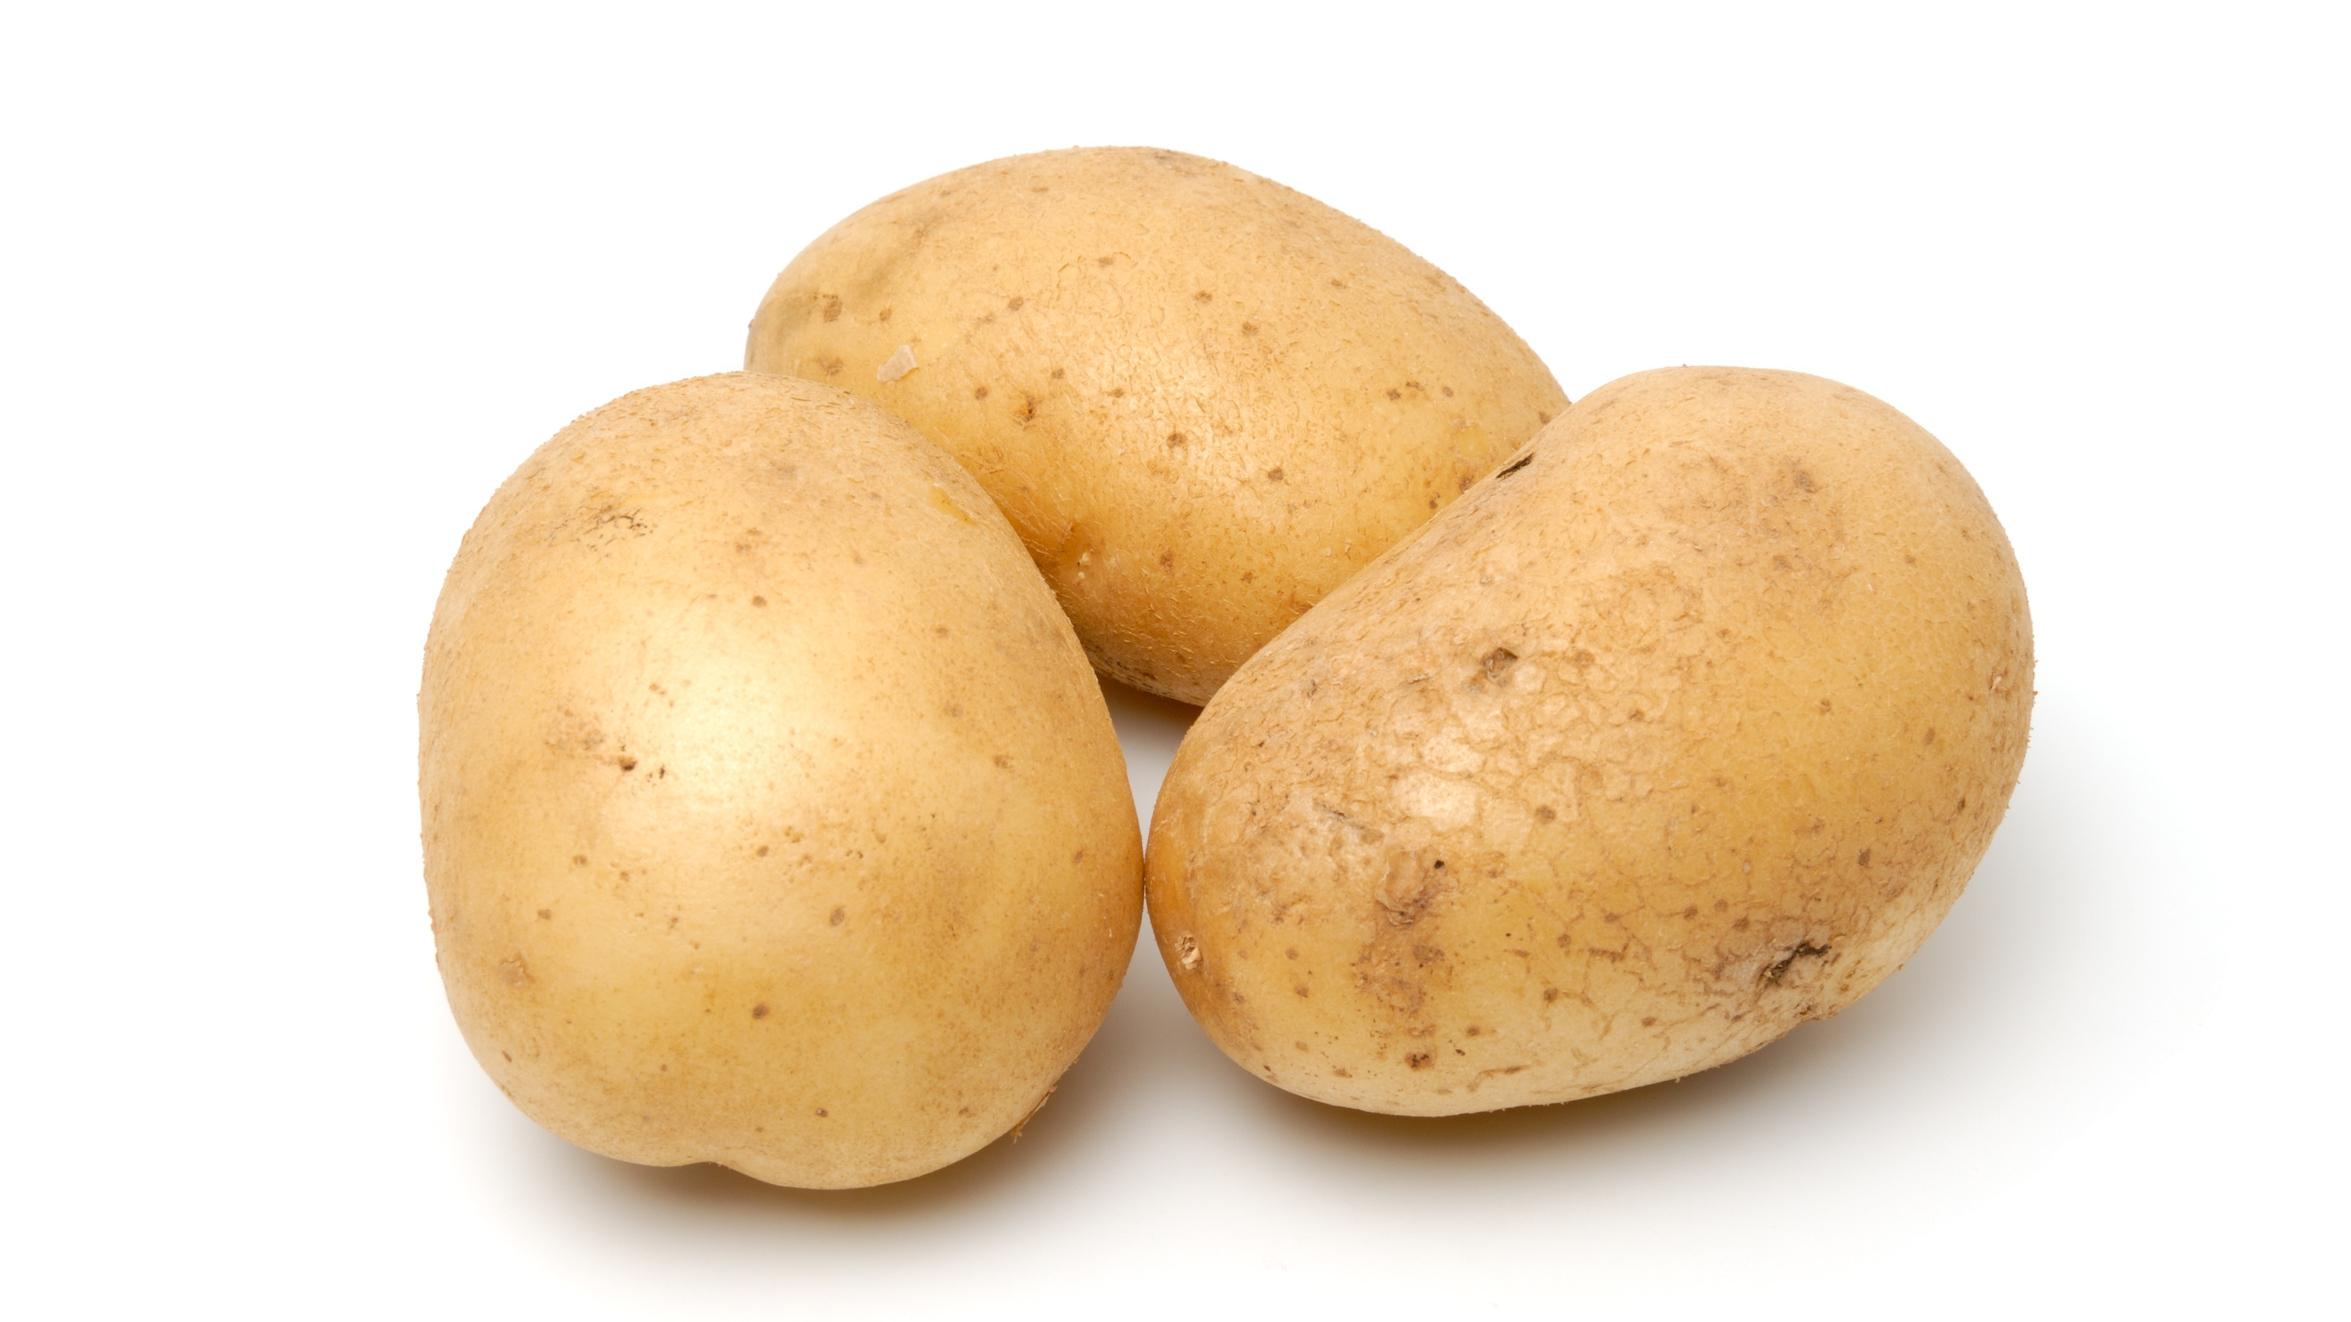 Suc de cartofi pentru ficat